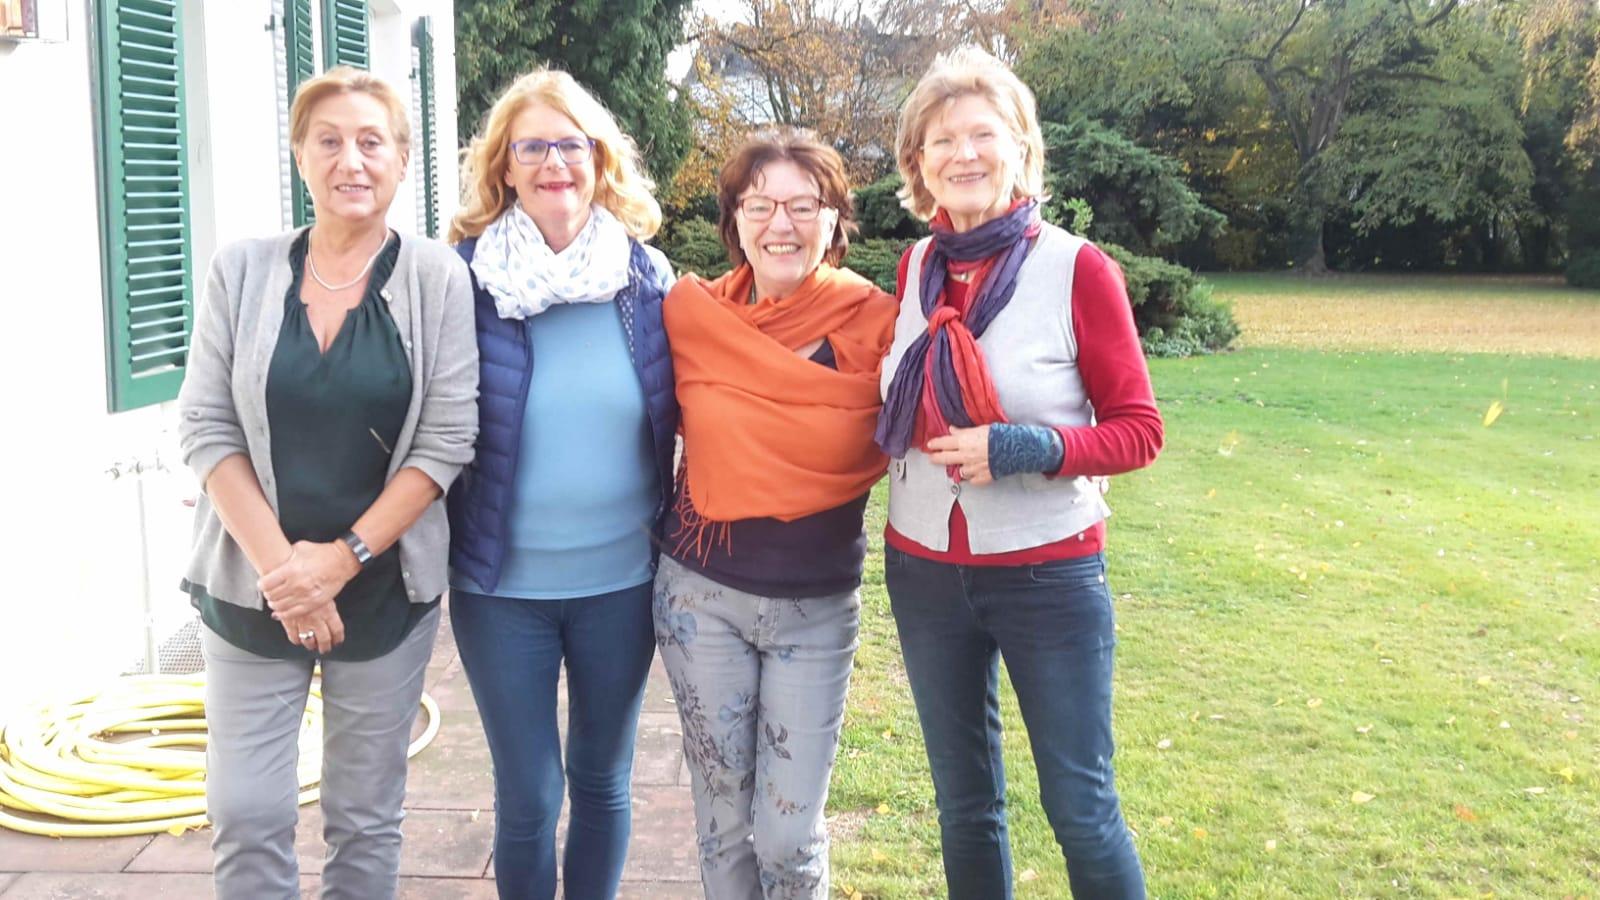 Brigitte, Marianne und Wilma